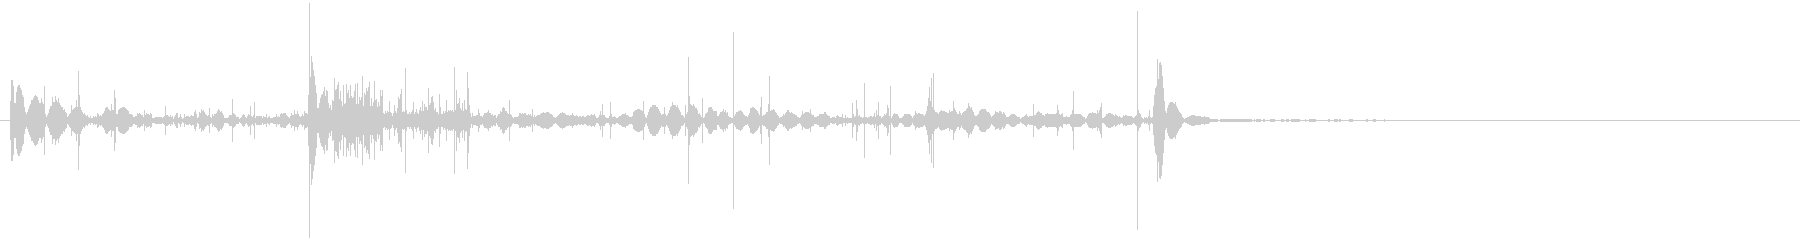 静的記録2の未再生の波形